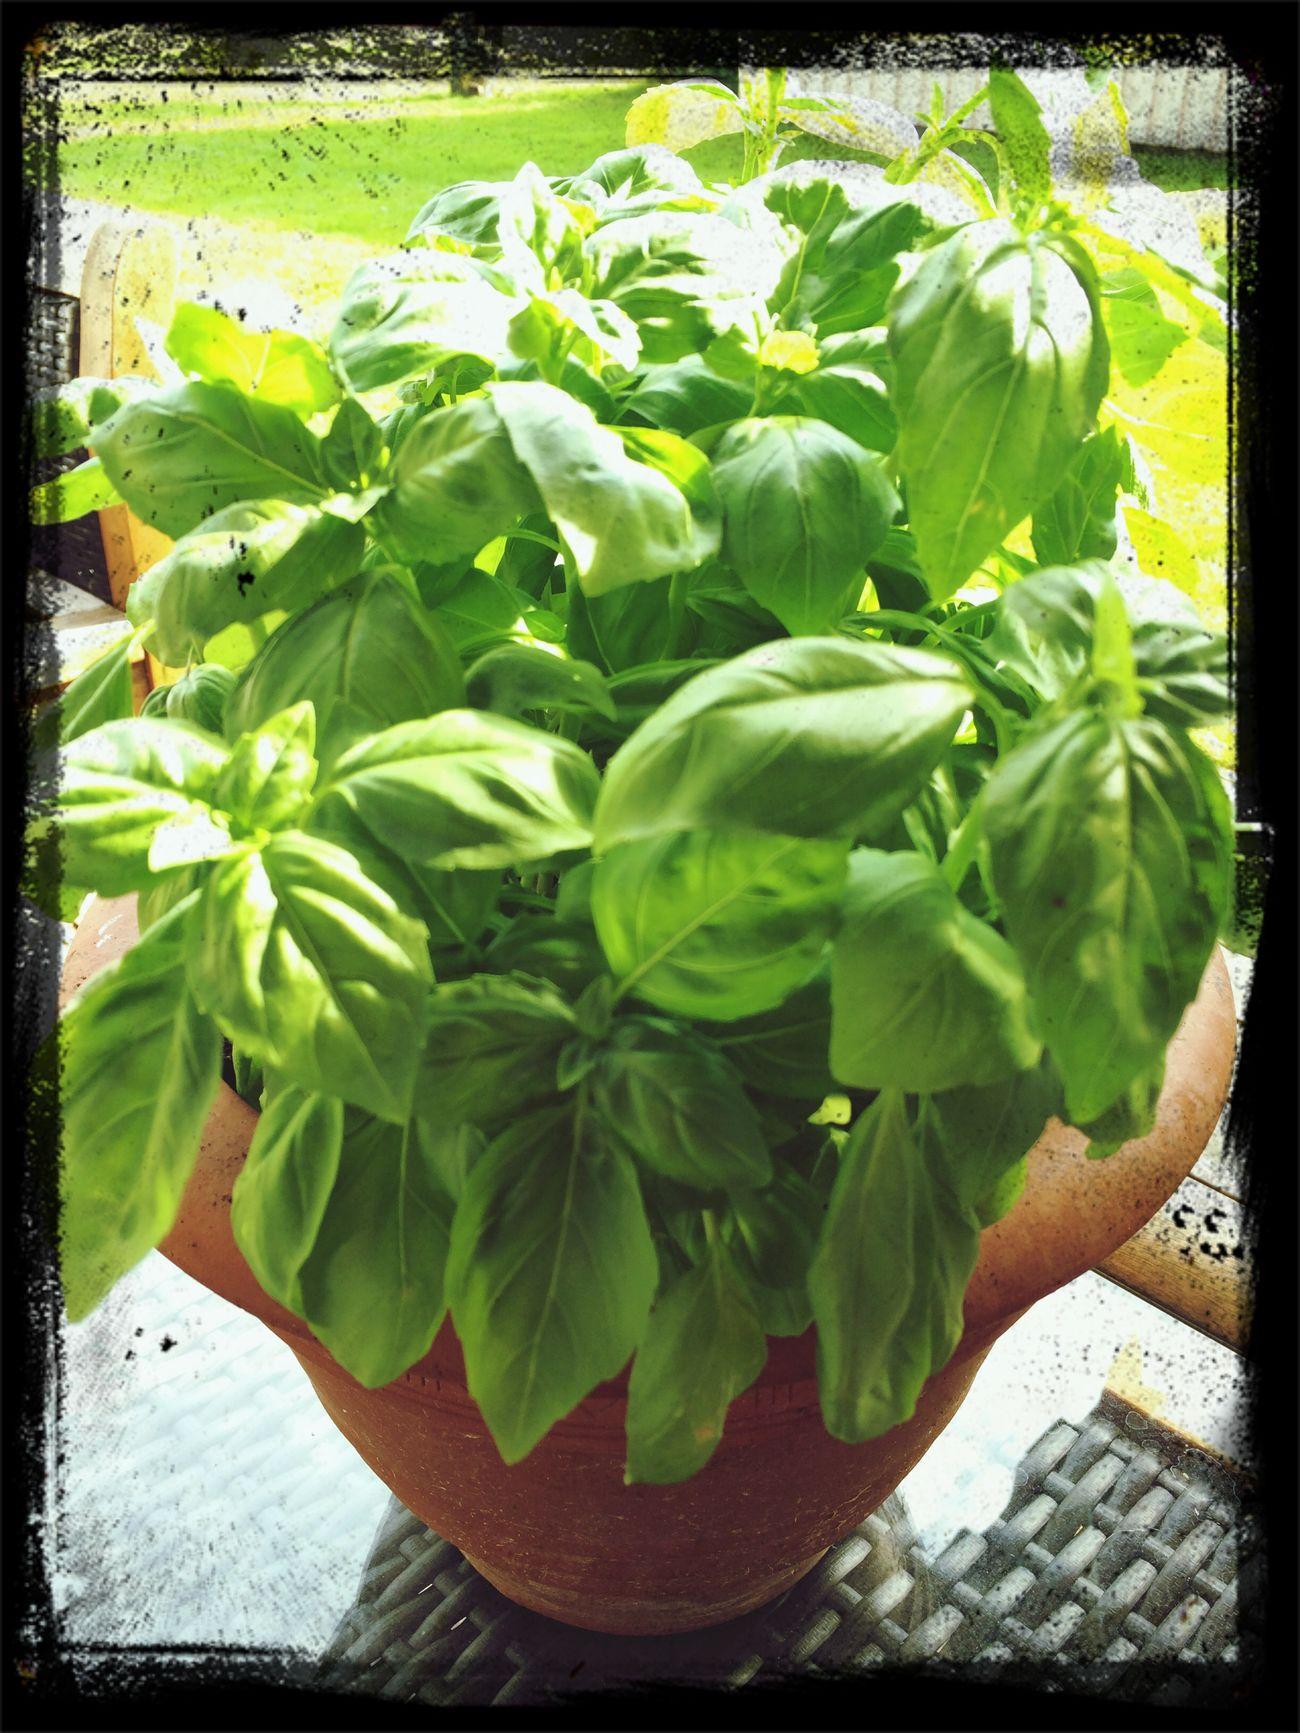 Basil Urban Gardening Soaking Up The Sun Summer